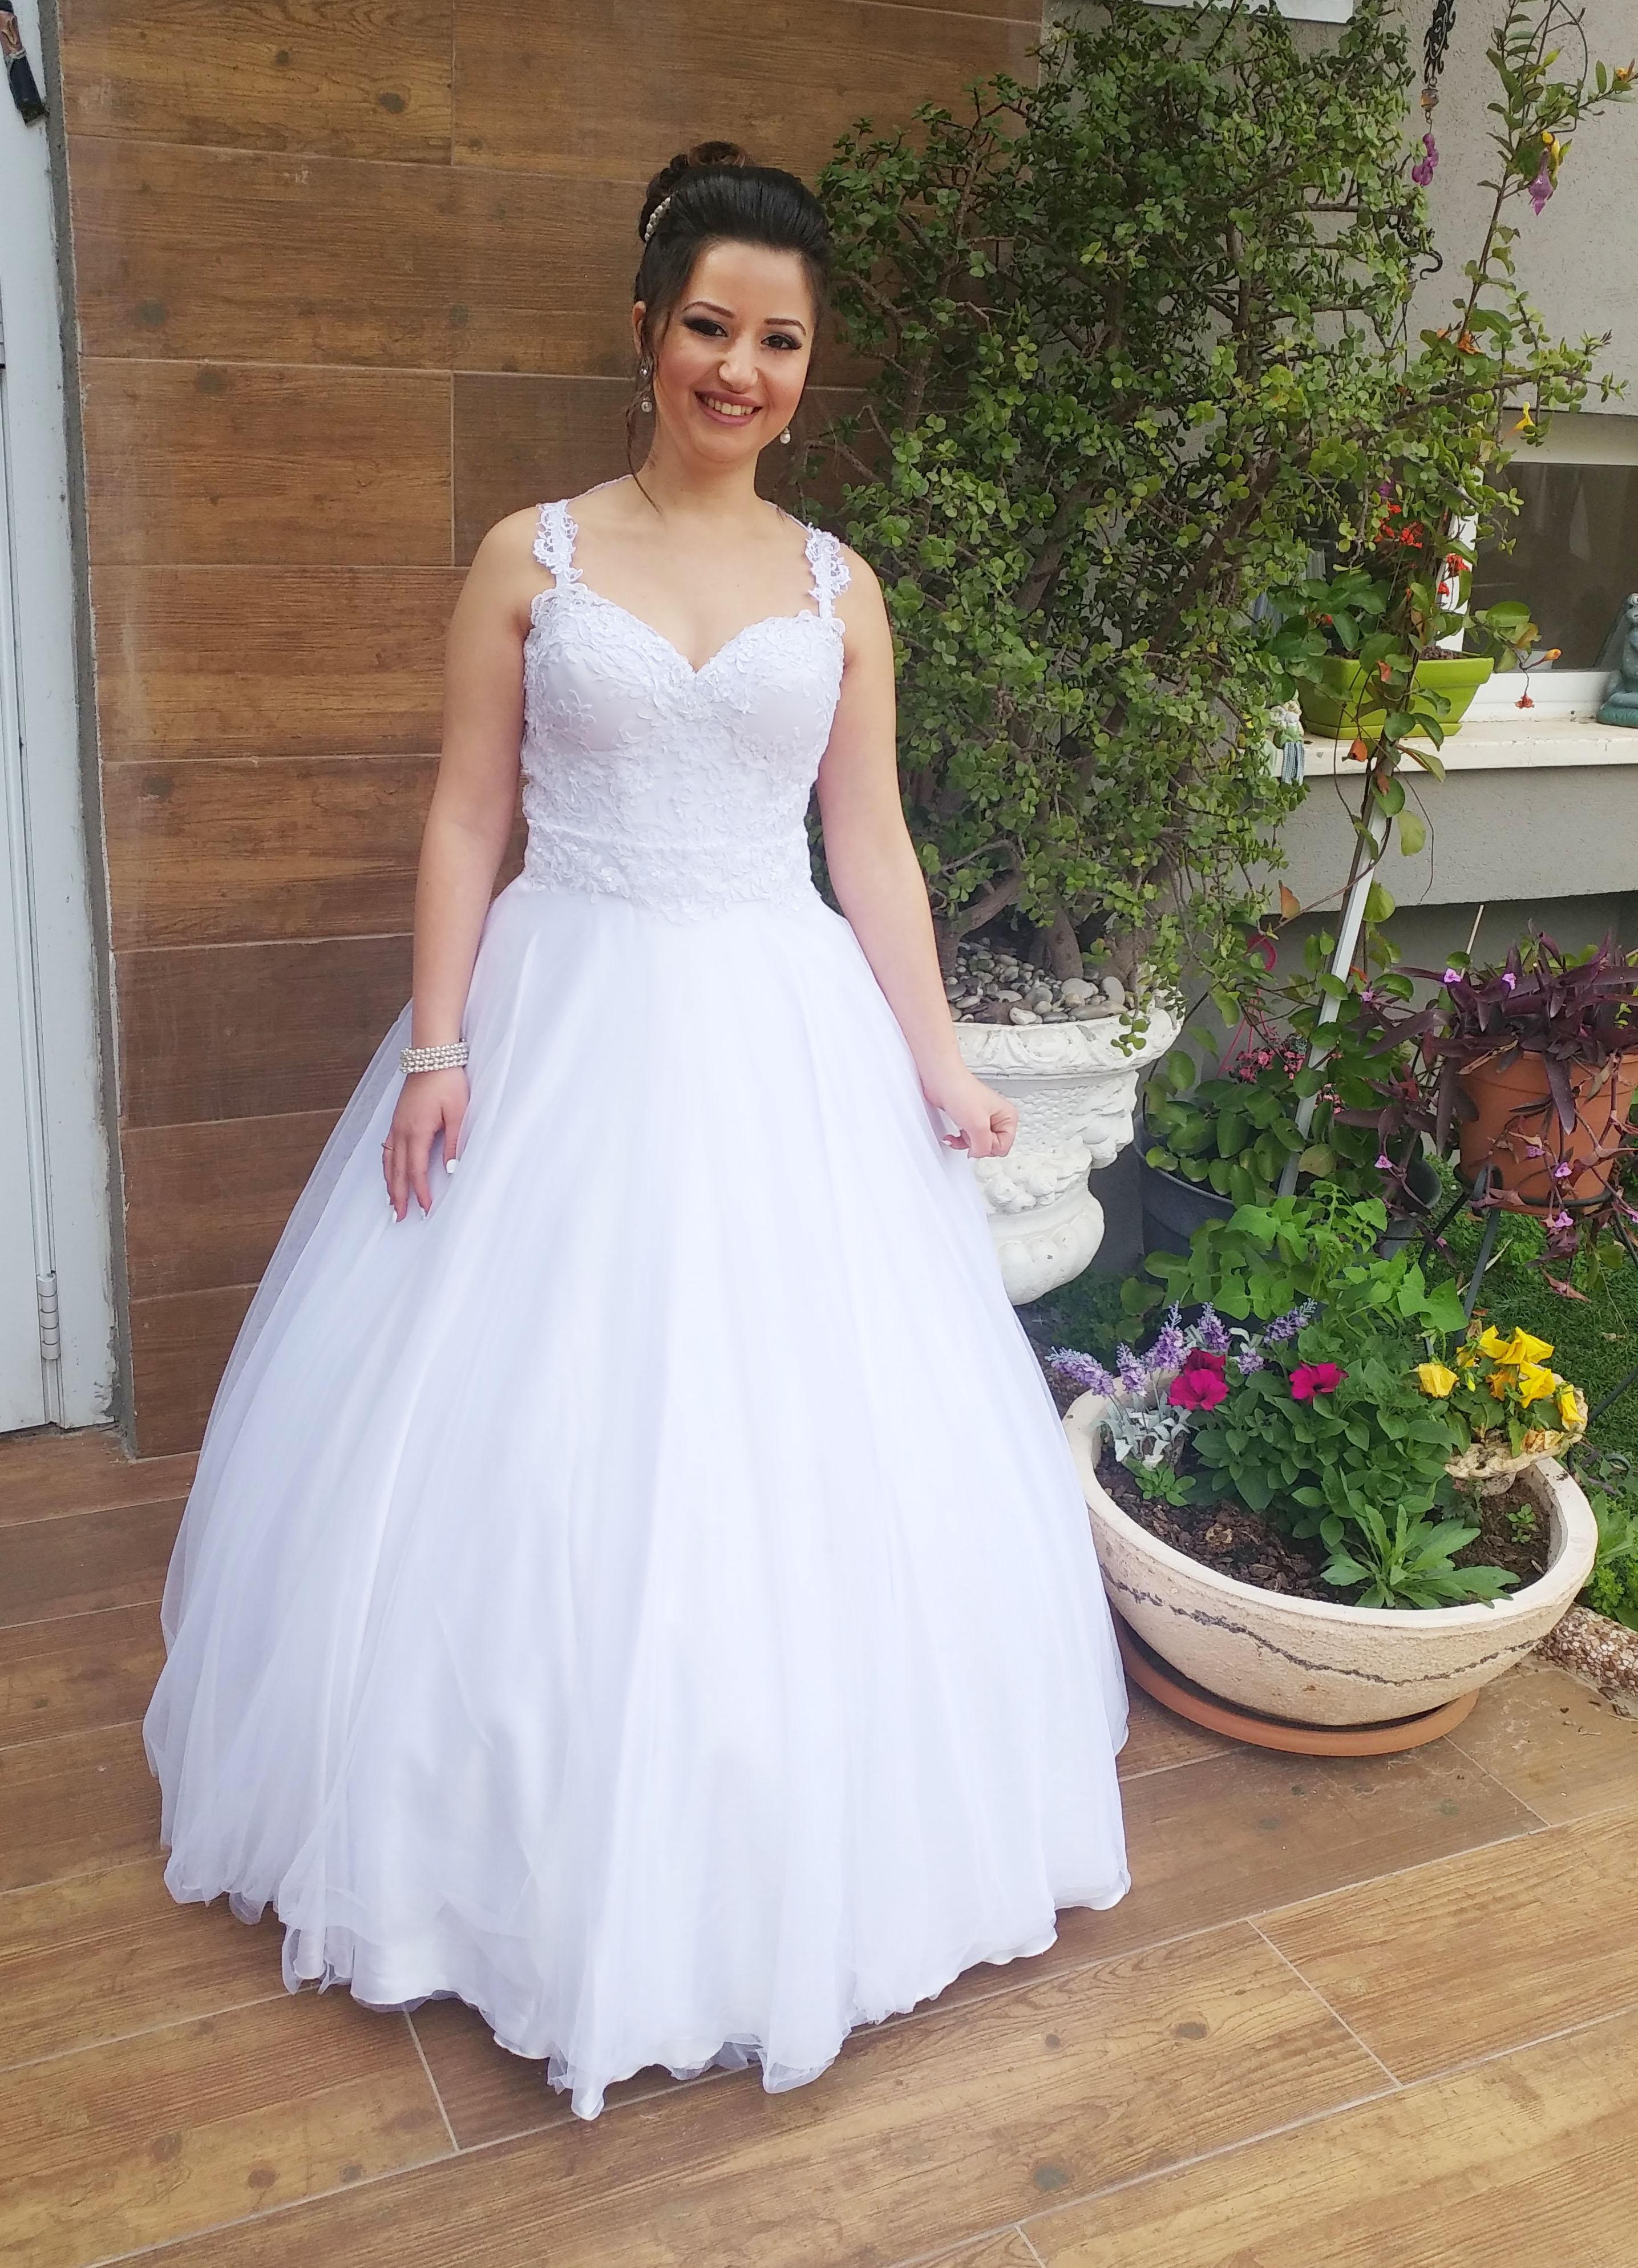 הילה בשמלת כלה מרשימה בחצאית טולים נ